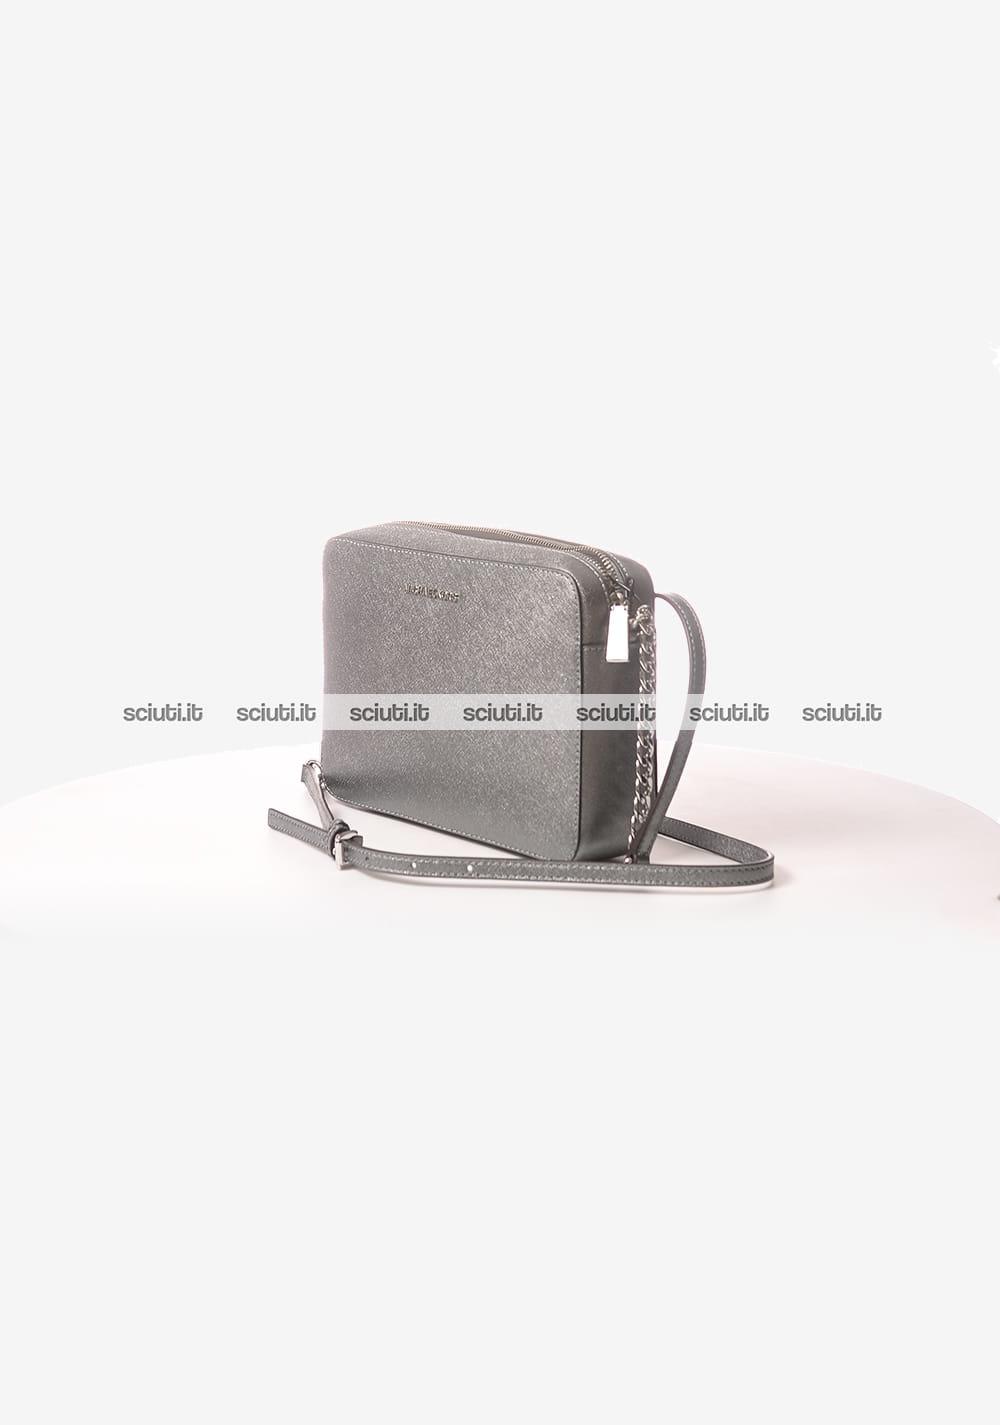 dccebc598c Borsa a tracolla Michael Kors donna Jet Set in pelle metallizzata grande  argento